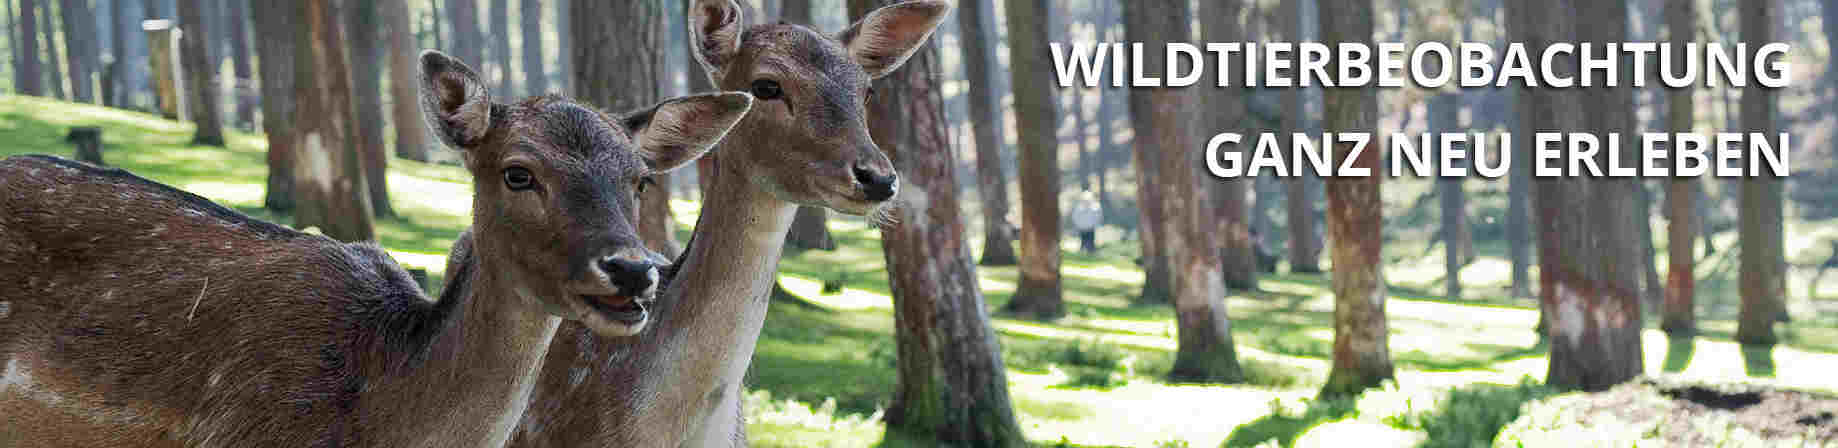 Wildtierbeobachtung ganz neu erleben